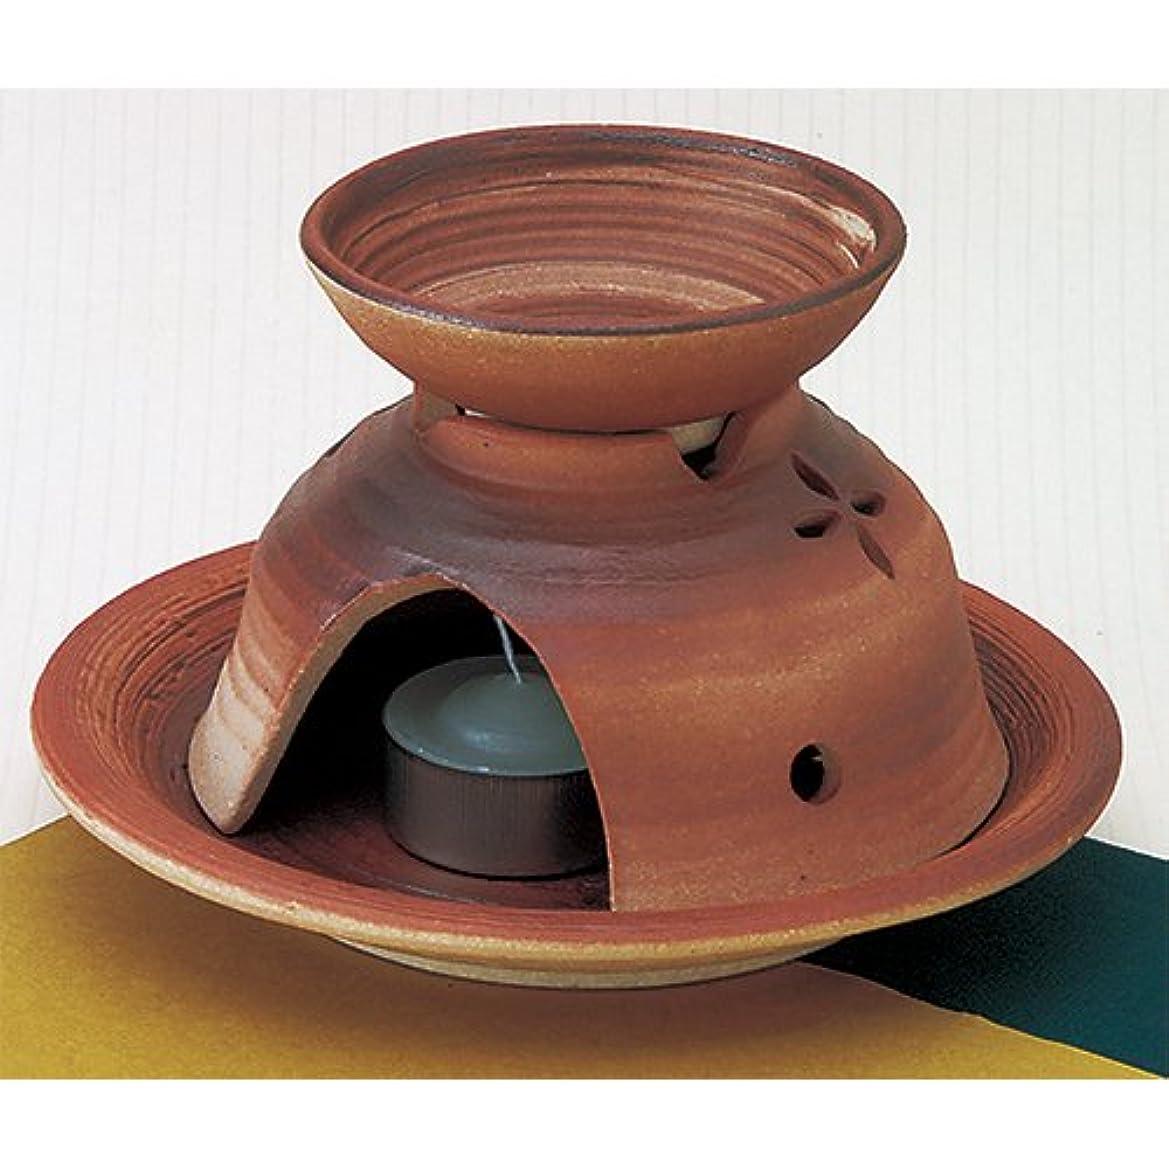 スクリュー高齢者危険な香炉 花抜き 茶香炉 [R15xH9.5cm] HANDMADE プレゼント ギフト 和食器 かわいい インテリア